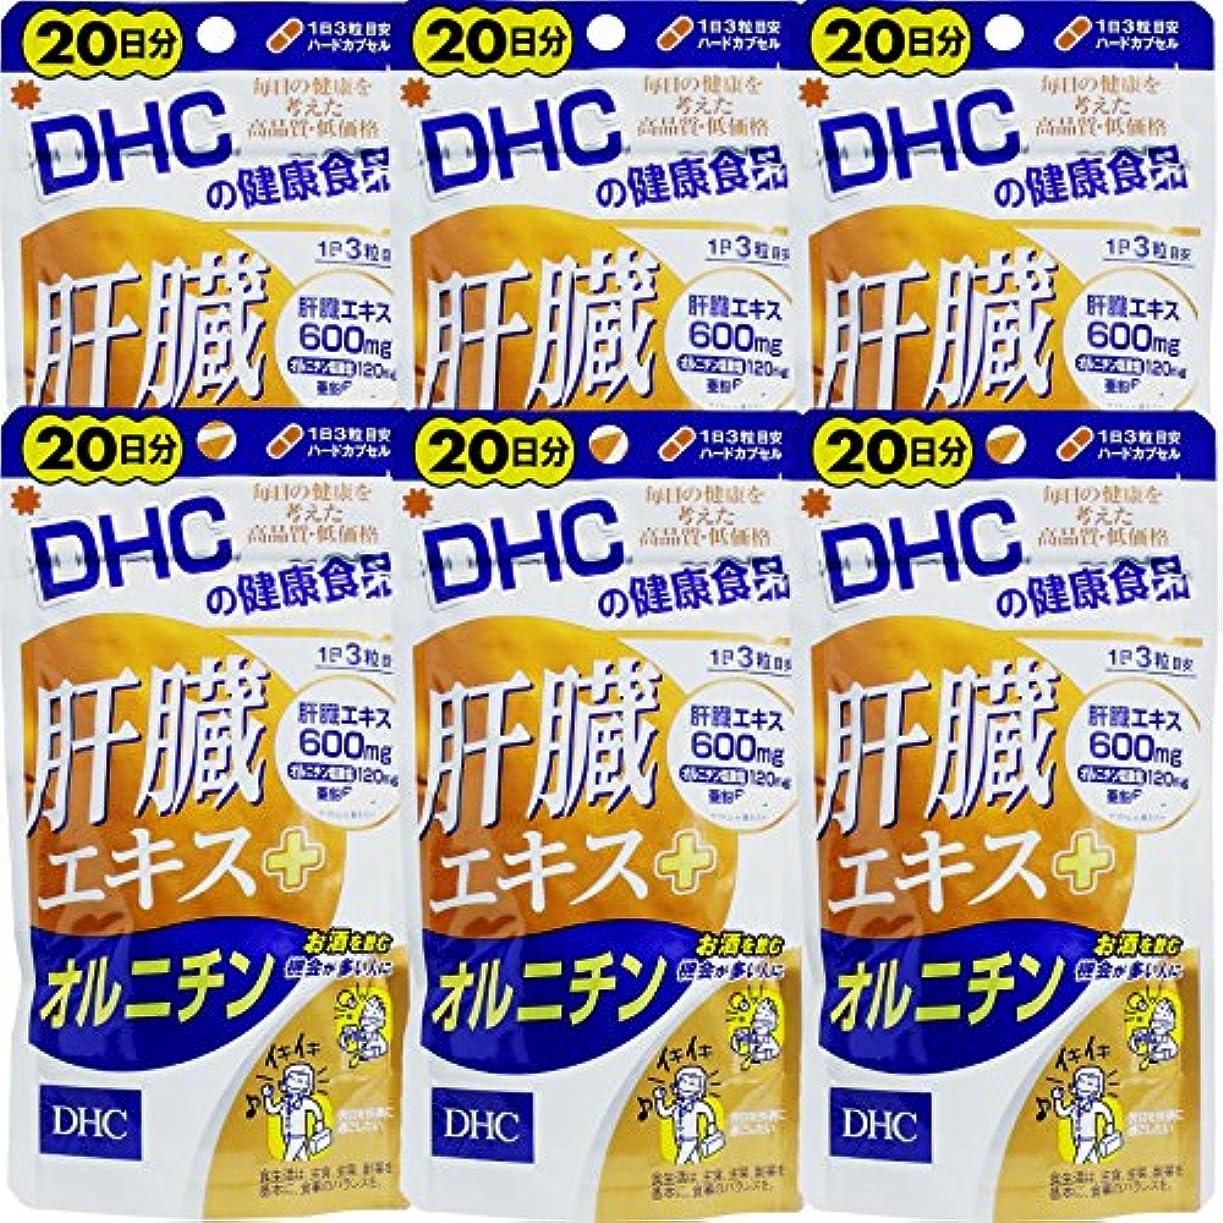 純粋に歪める原子炉【まとめ買い】肝臓エキス+オルニチン20日60粒 ×6個